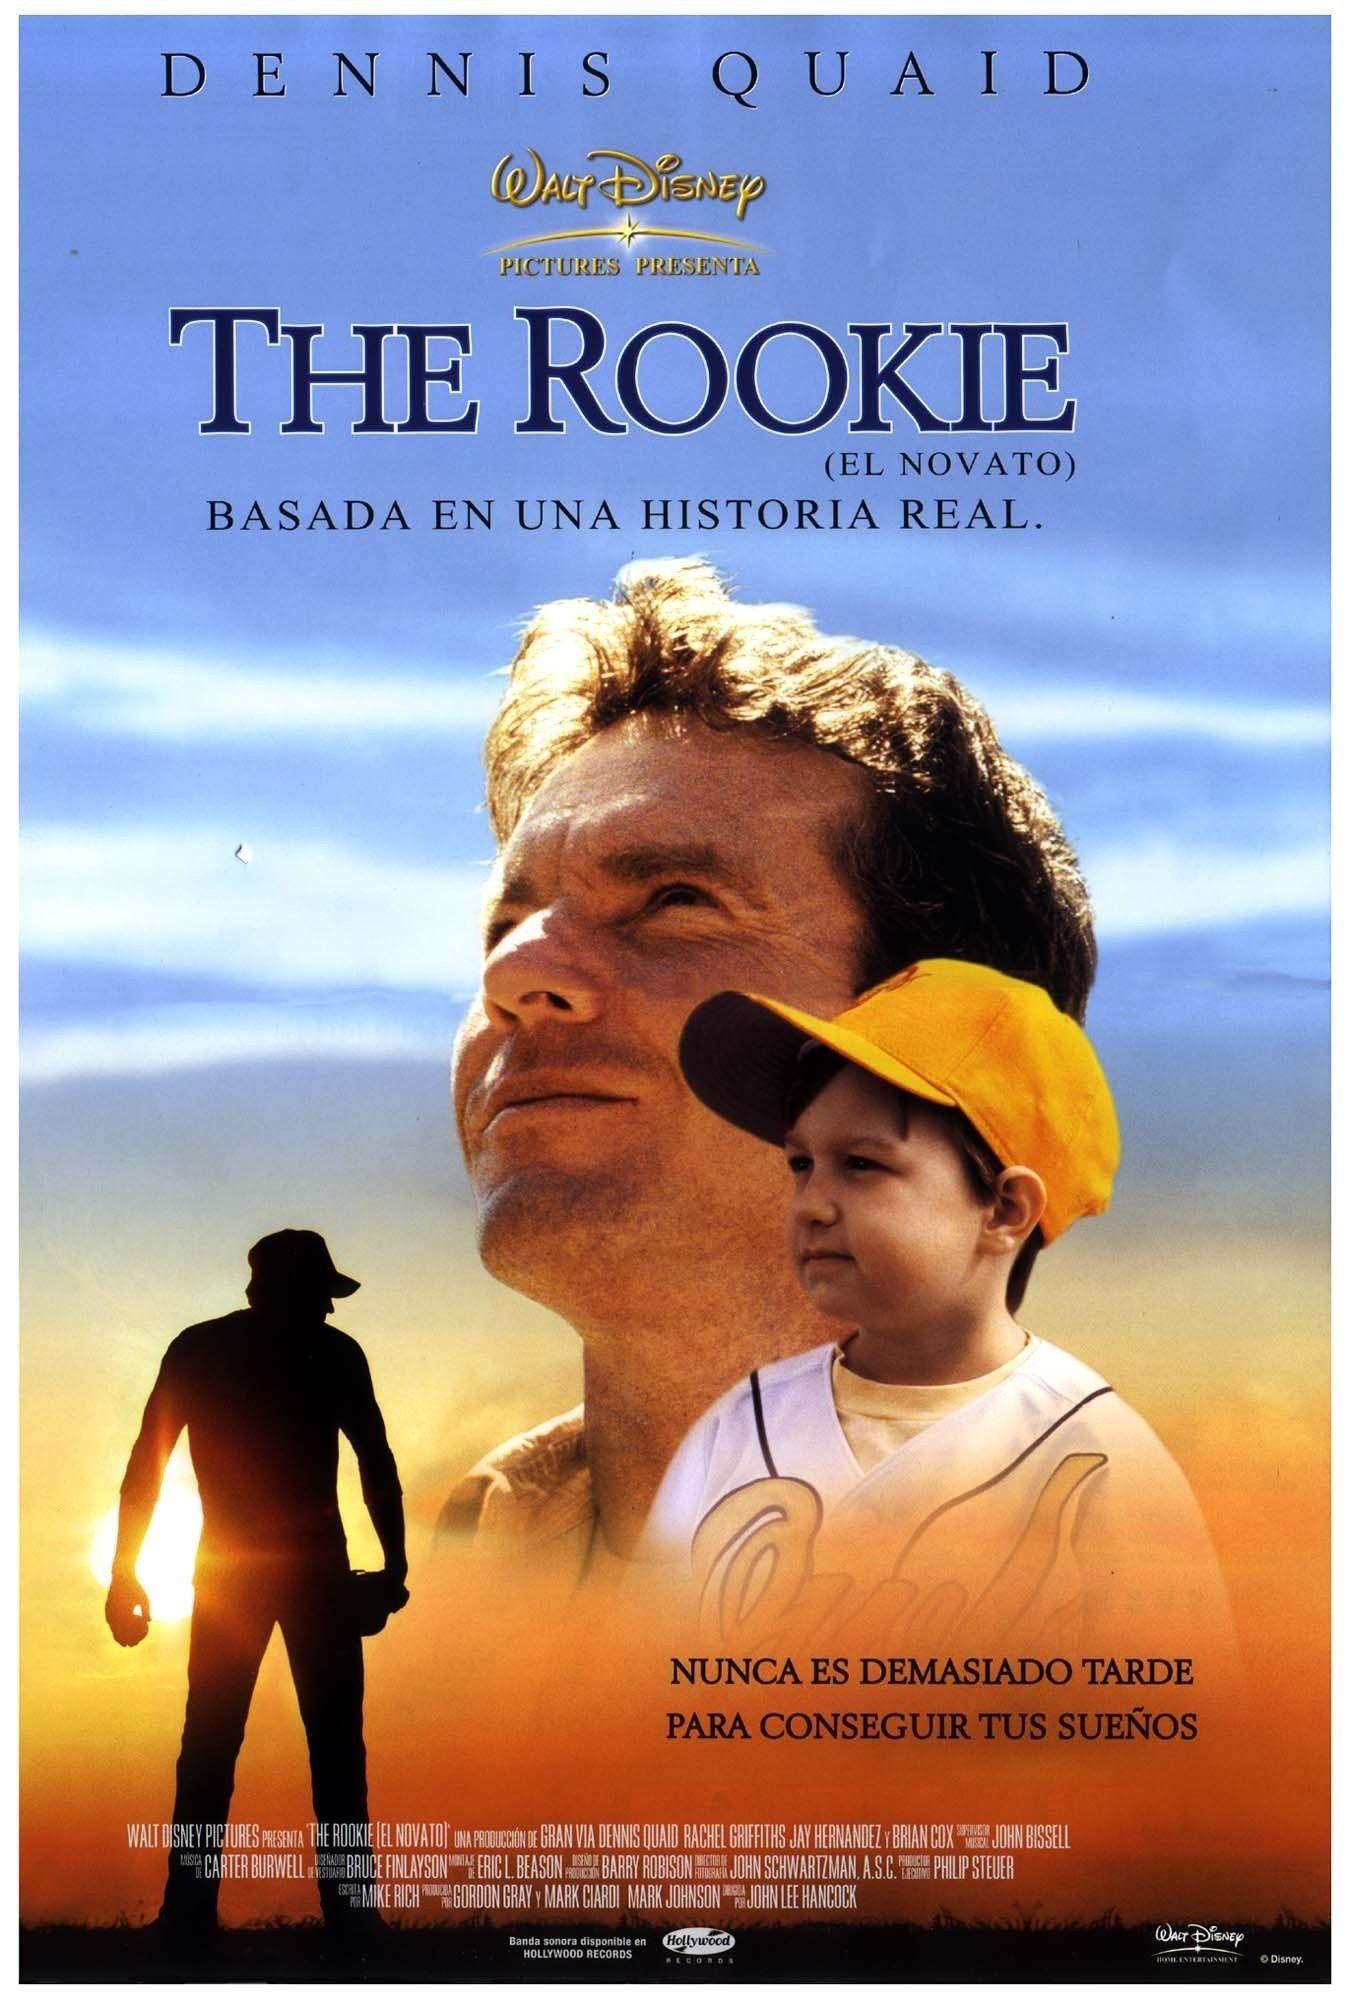 The Rookie 2002 Com Imagens Hd 1080p Filmes 1080p